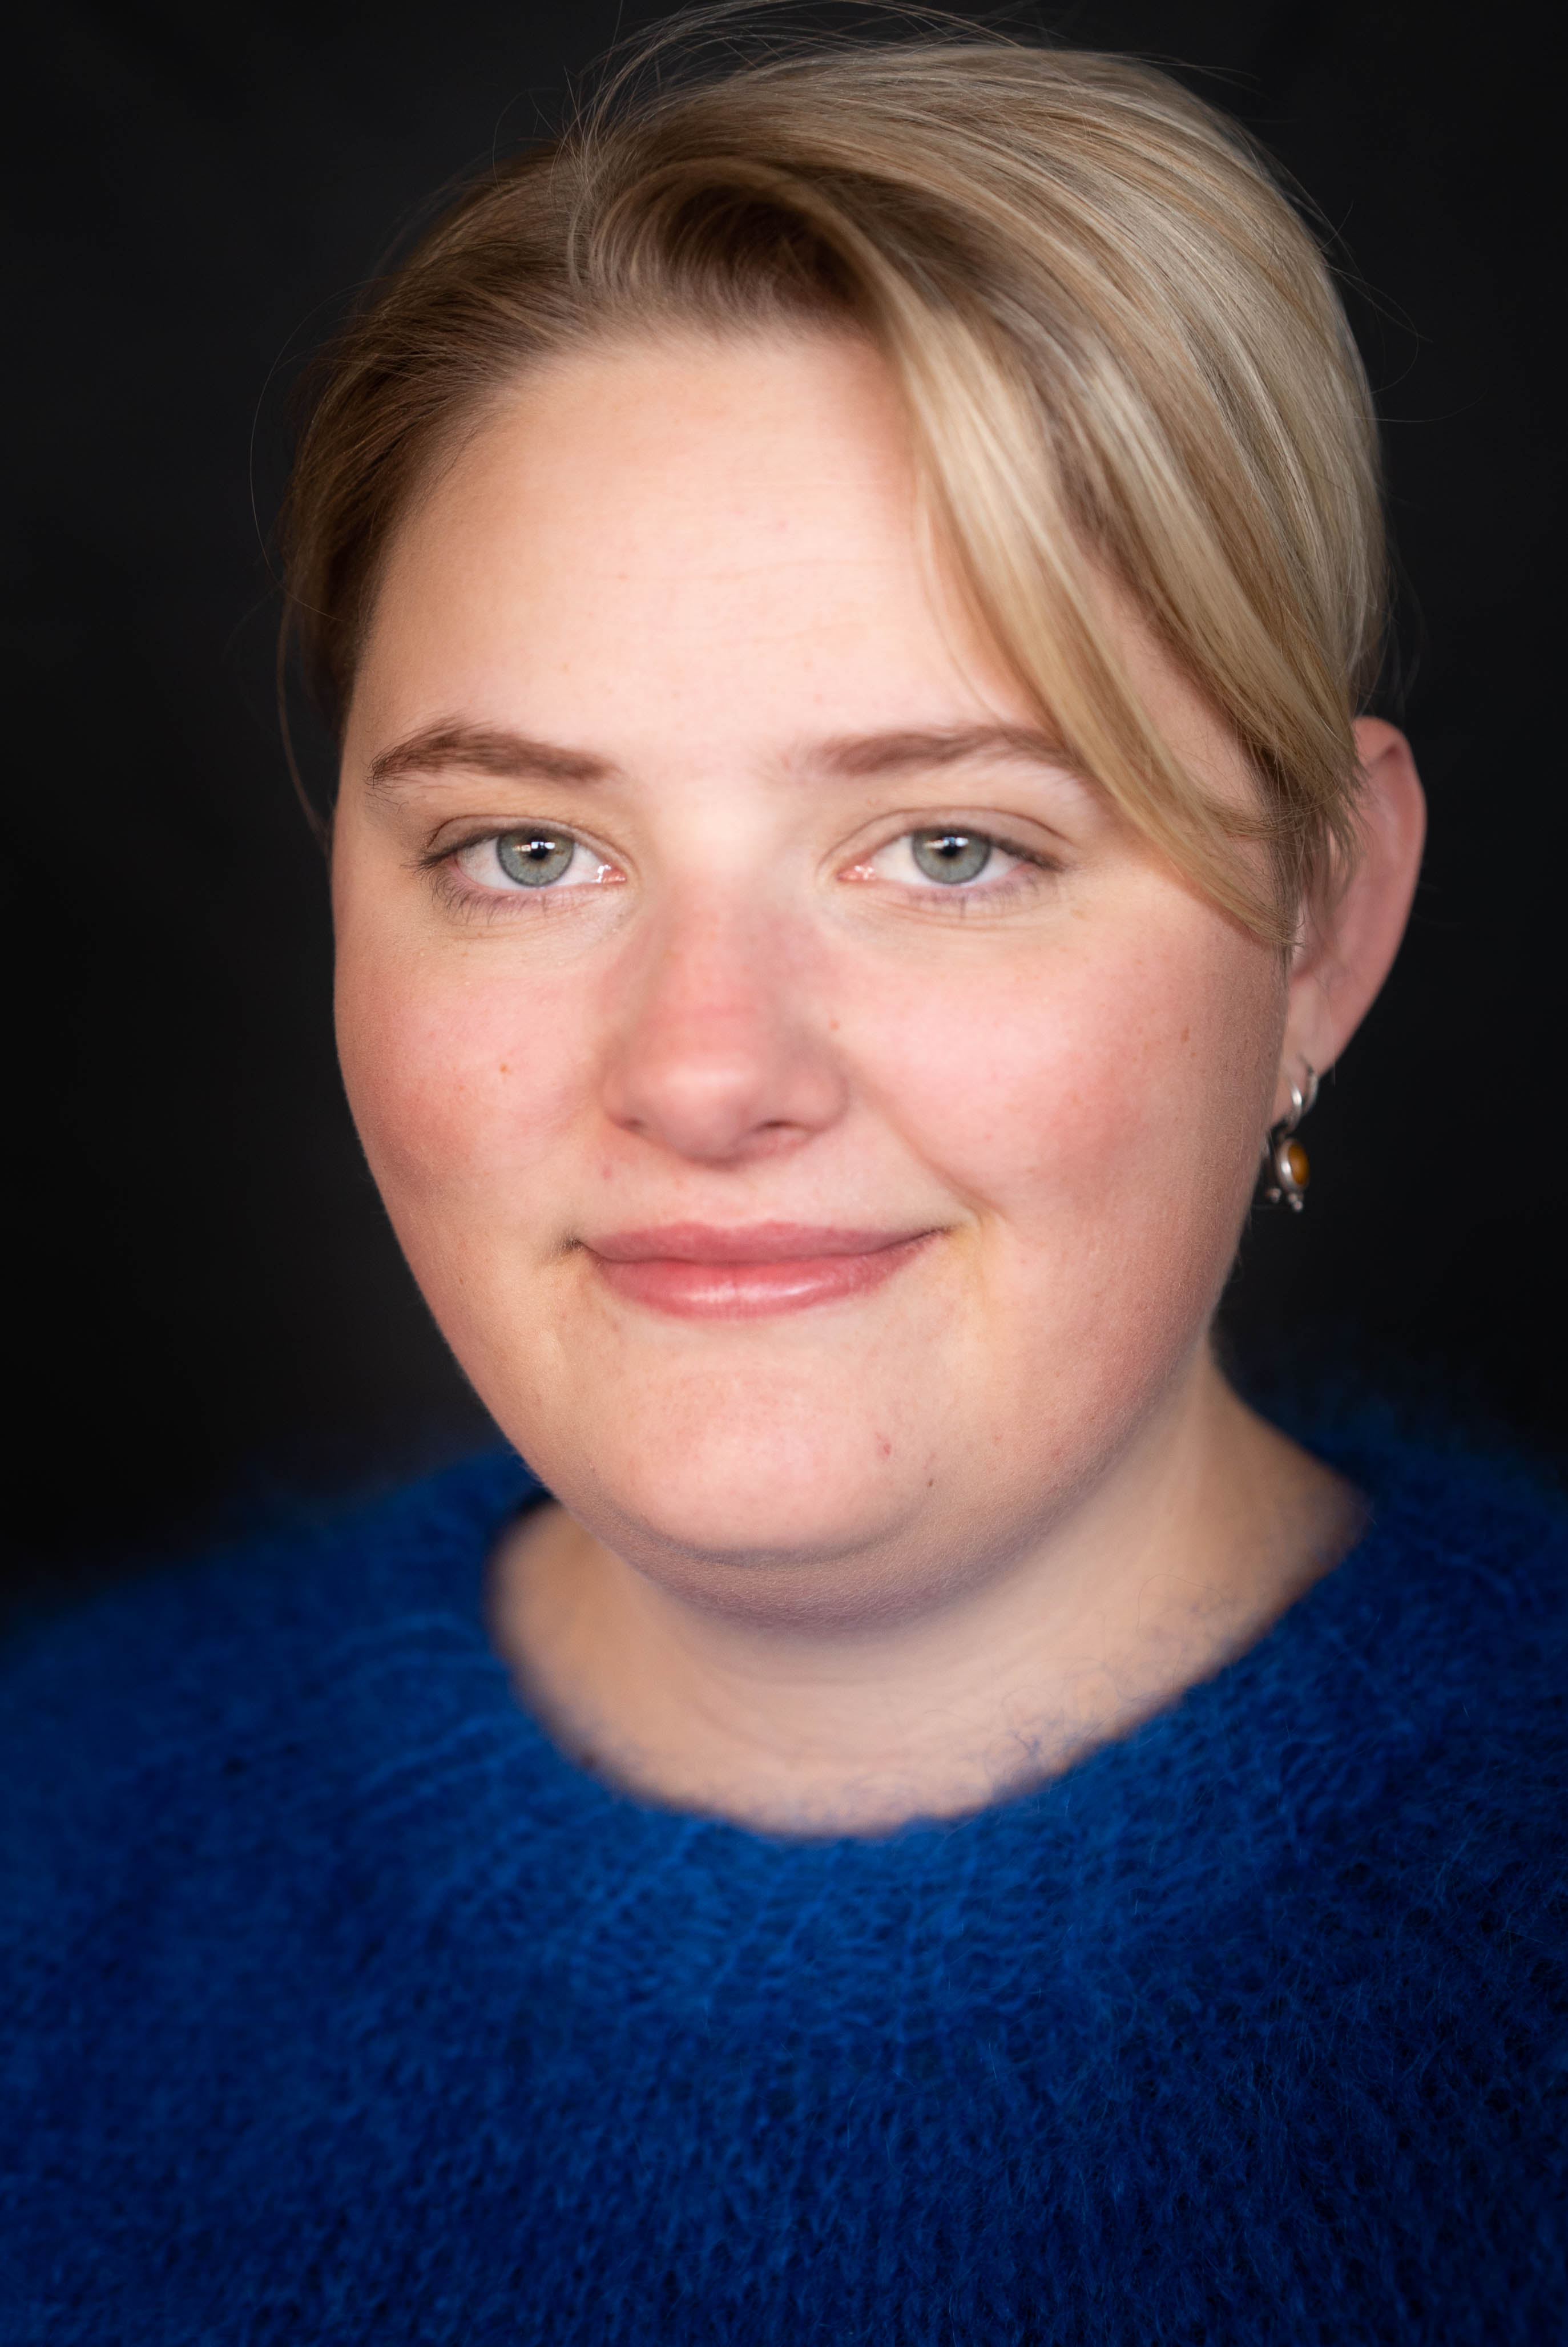 Trine Larsen (TLA